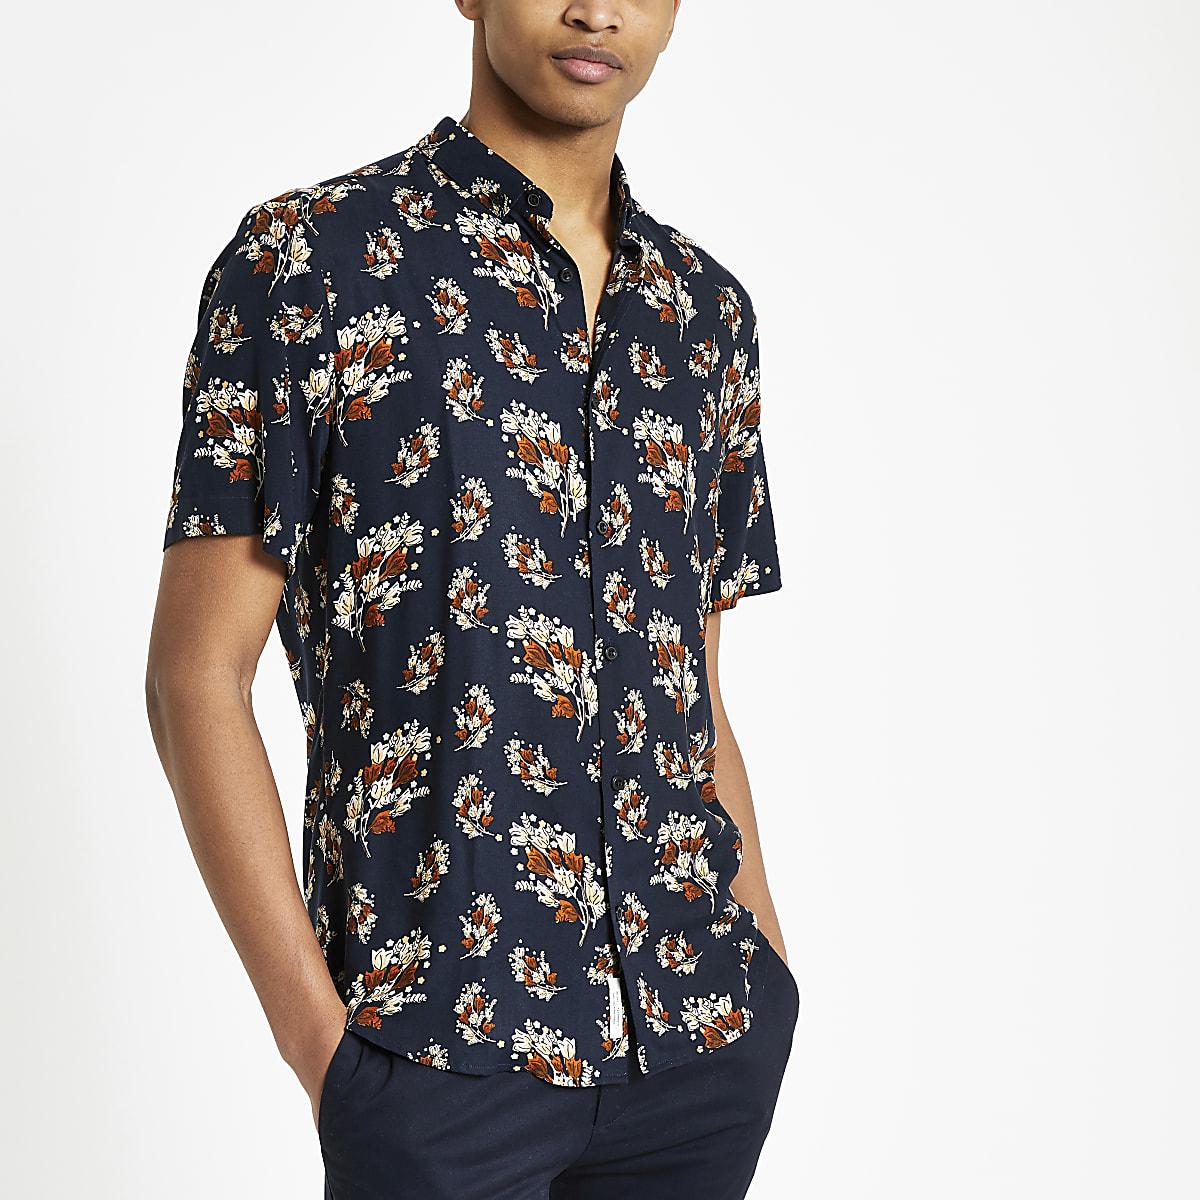 Marineblauw overhemd met takkenprint en korte mouwen